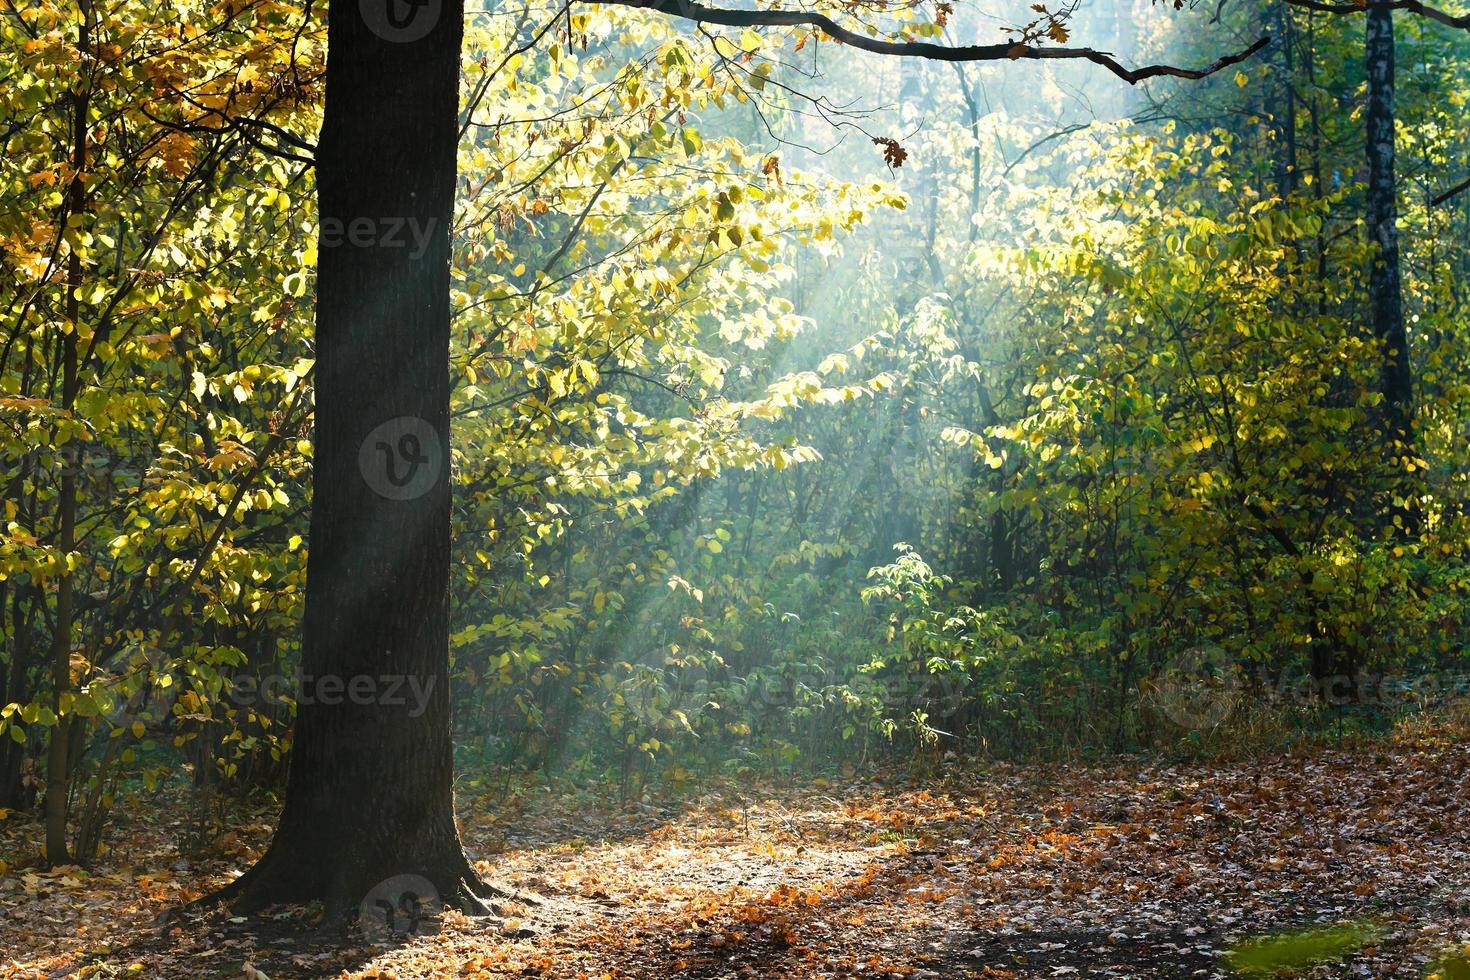 raios de sol iluminaram clareira na floresta de outono foto